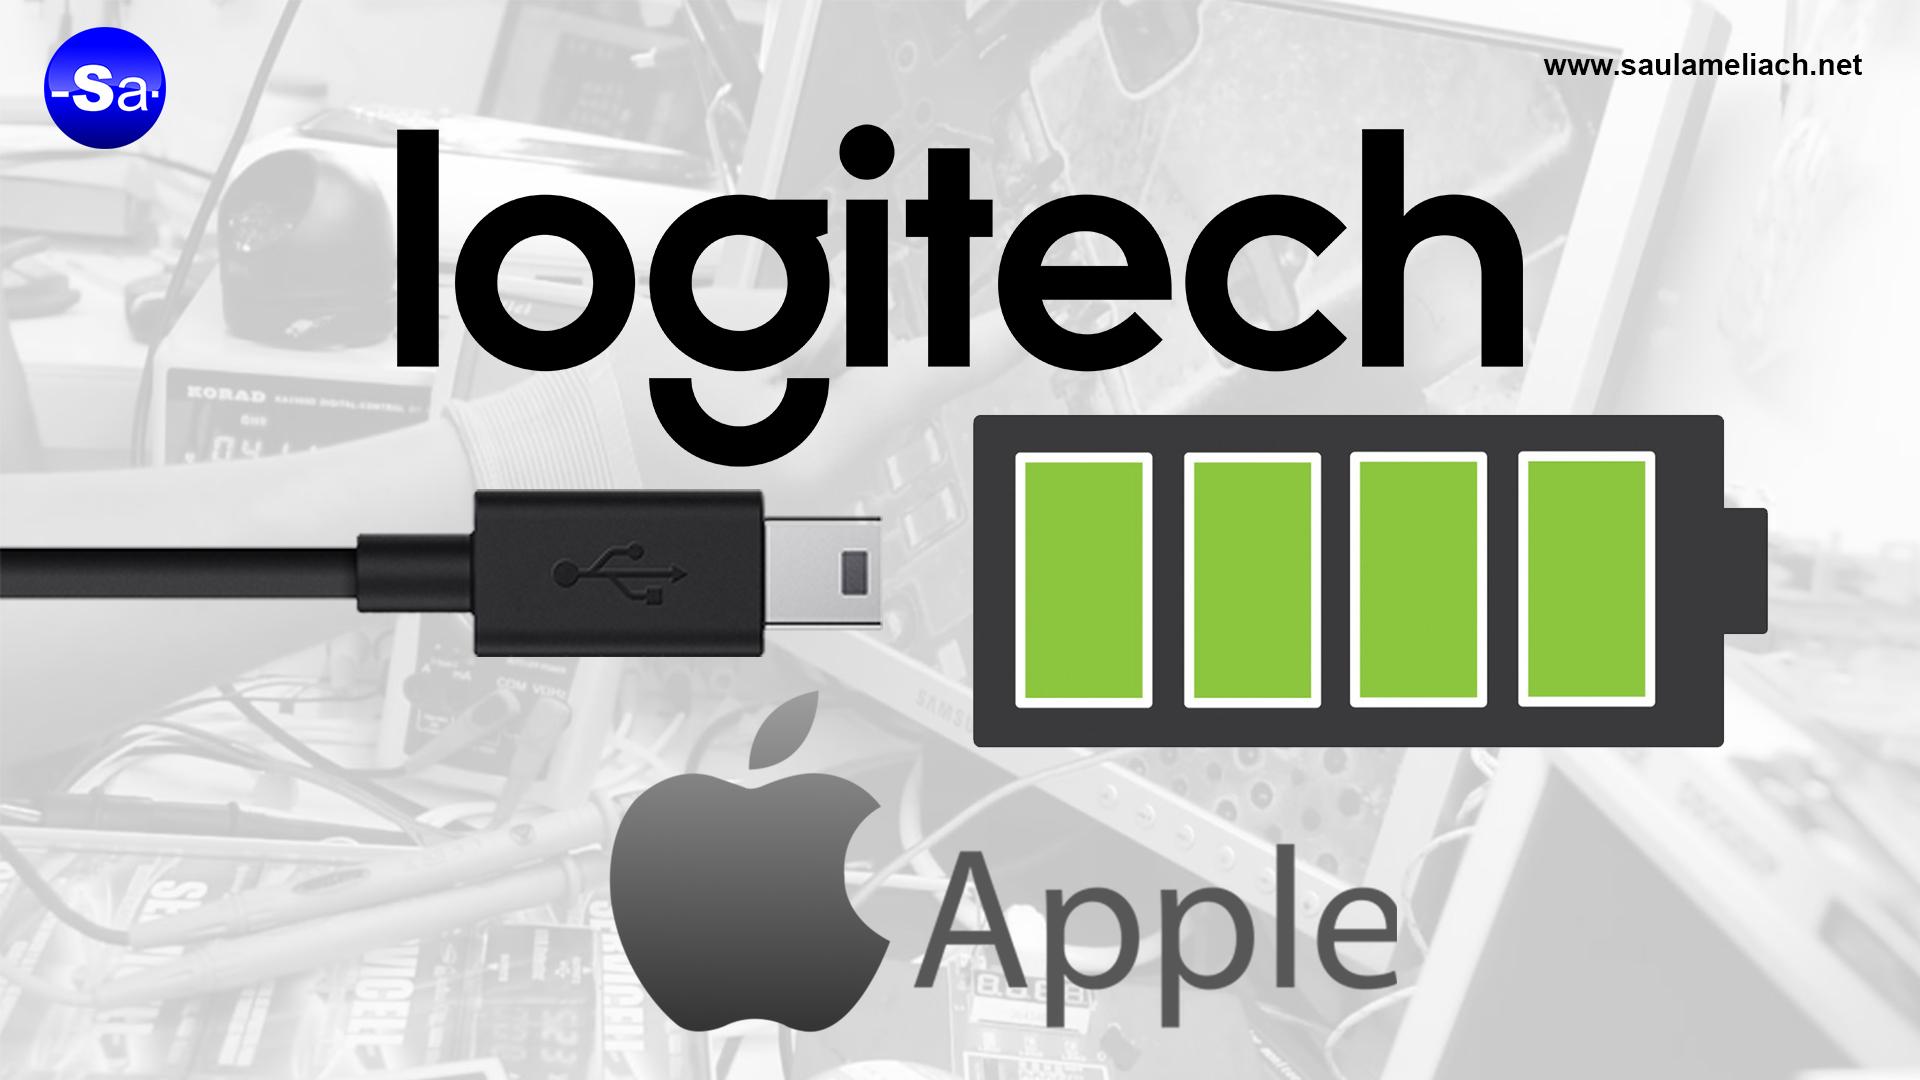 Apple y Logitech - saul ameliach